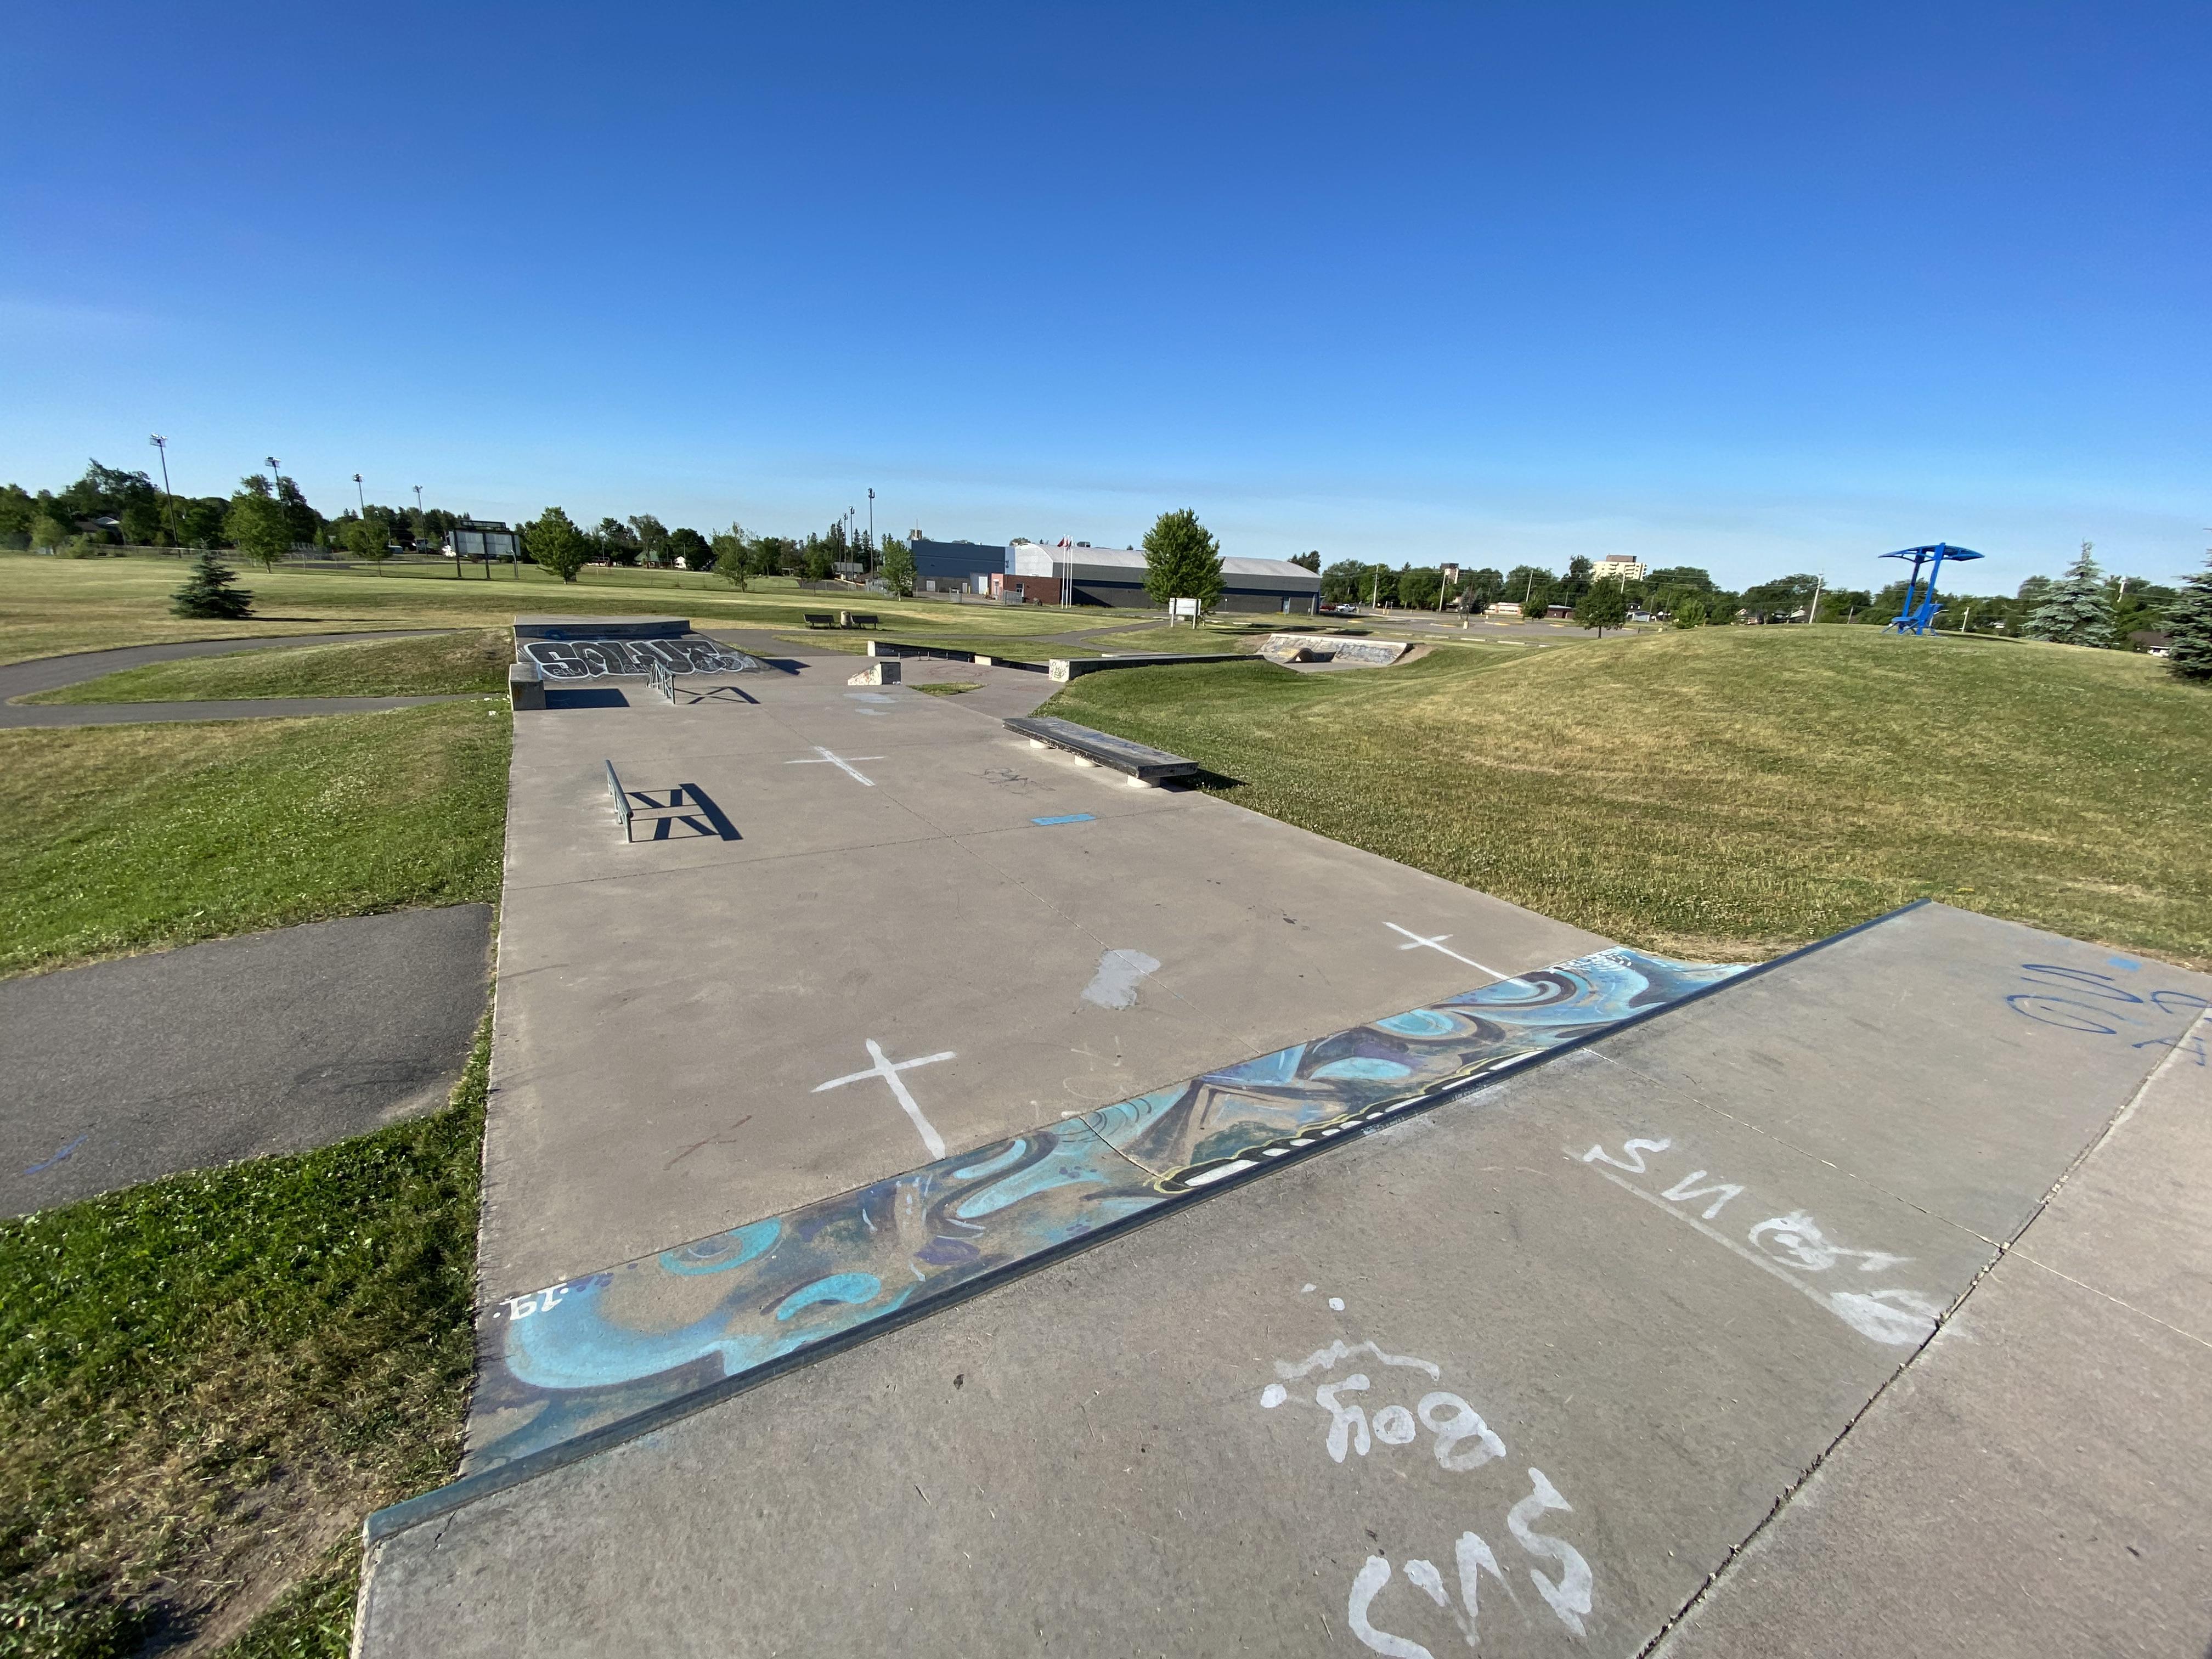 sault-ste marie skatepark from the entrance